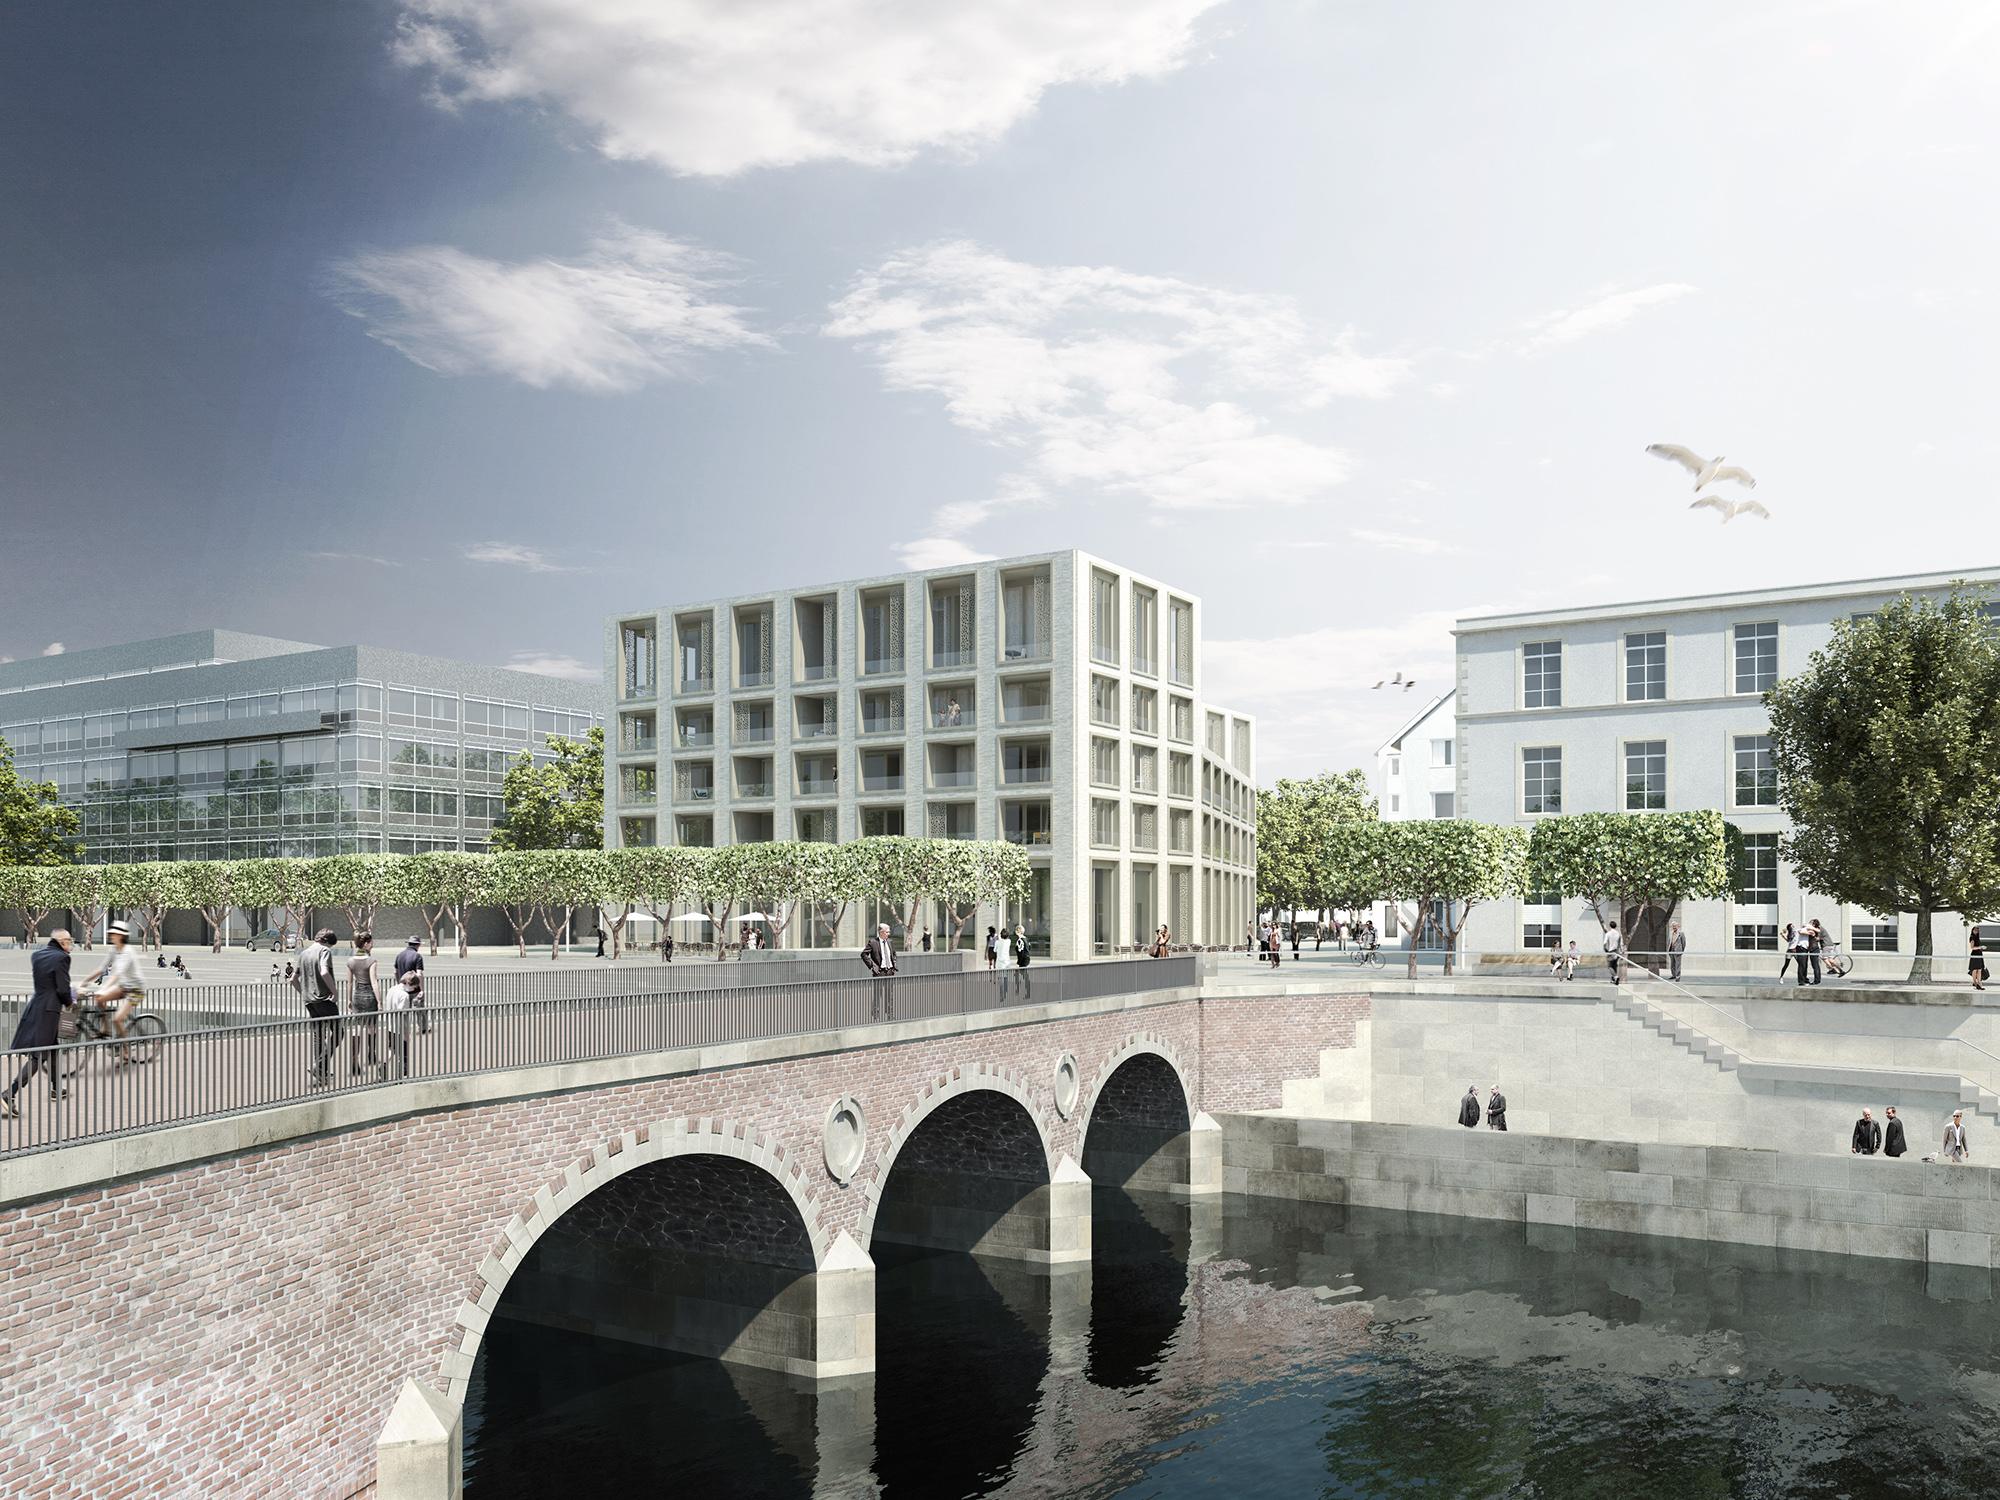 Architekten Hannover architekten bksp wohnen am marstall hannover 1 platz homebase2